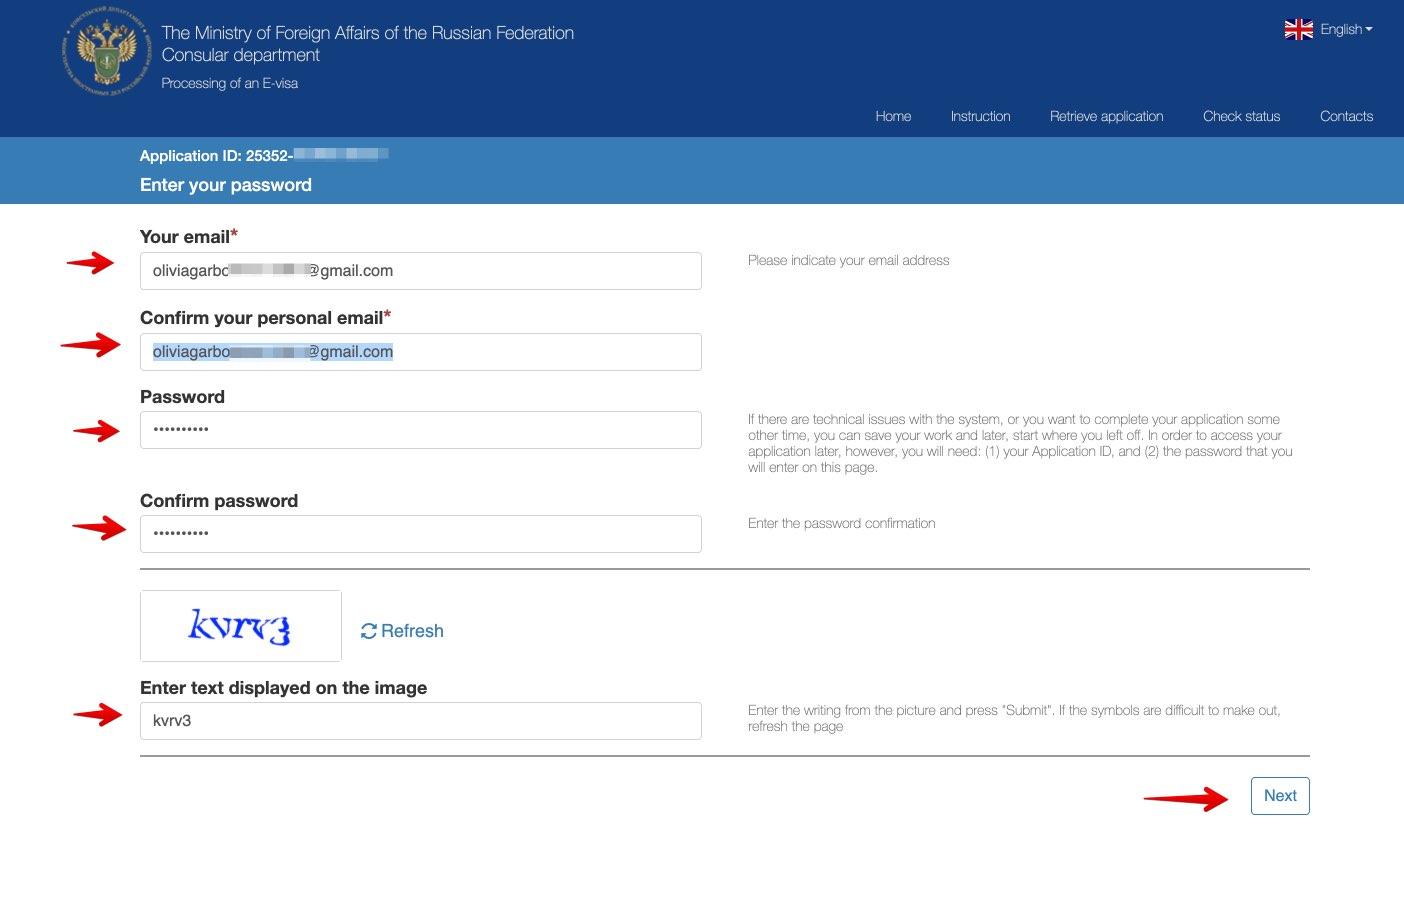 Søknad om e-visum for å reise til Russland - Konsulær avdeling for utenriksdepartementet i Den Russiske Føderasjon 3